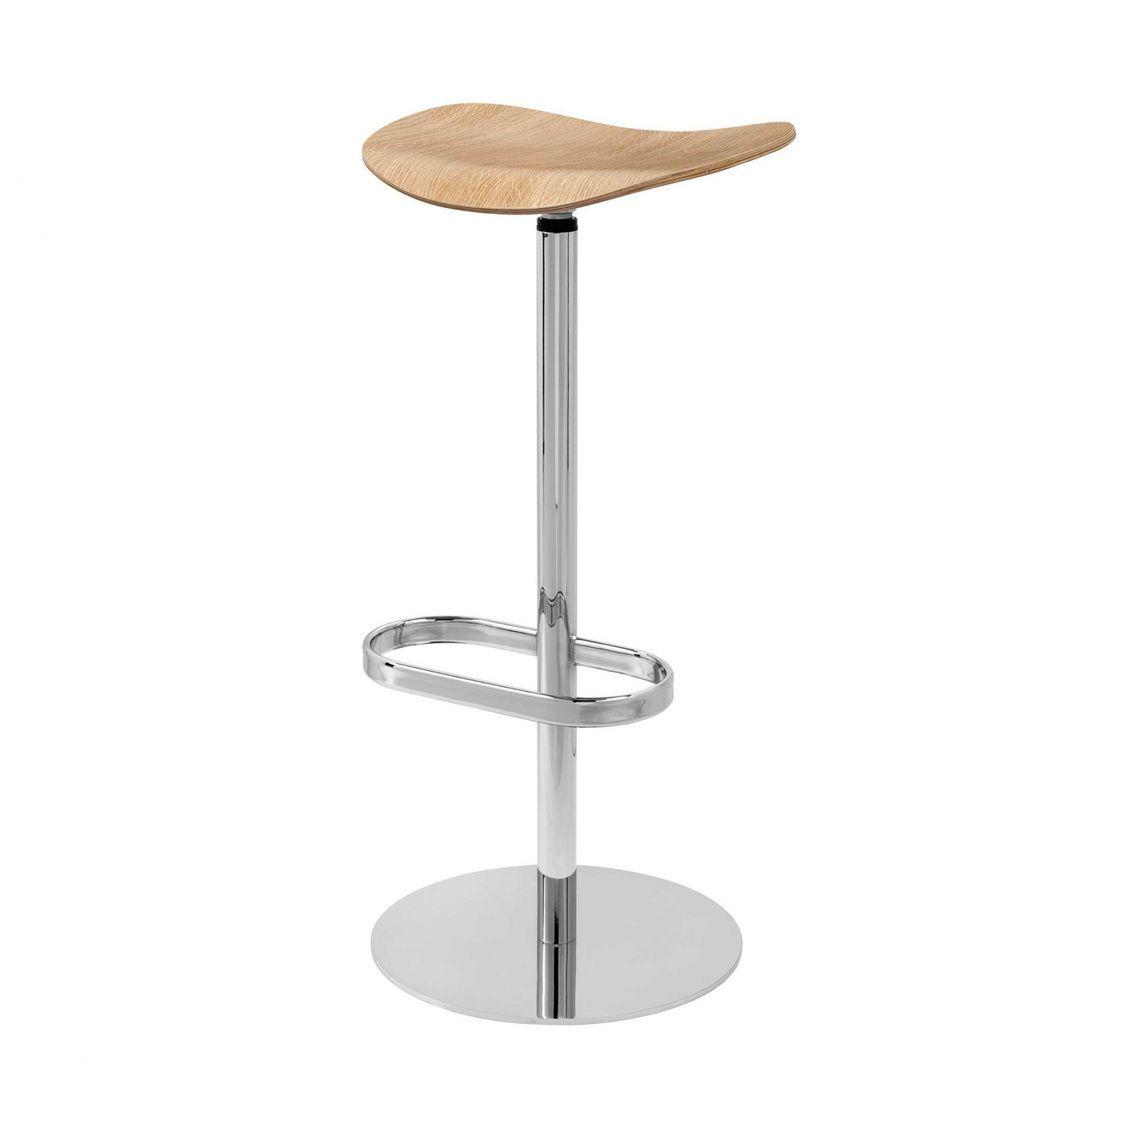 Gubi 2d counter stool barhocker drehgestell gubi for Barhocker 2d cad